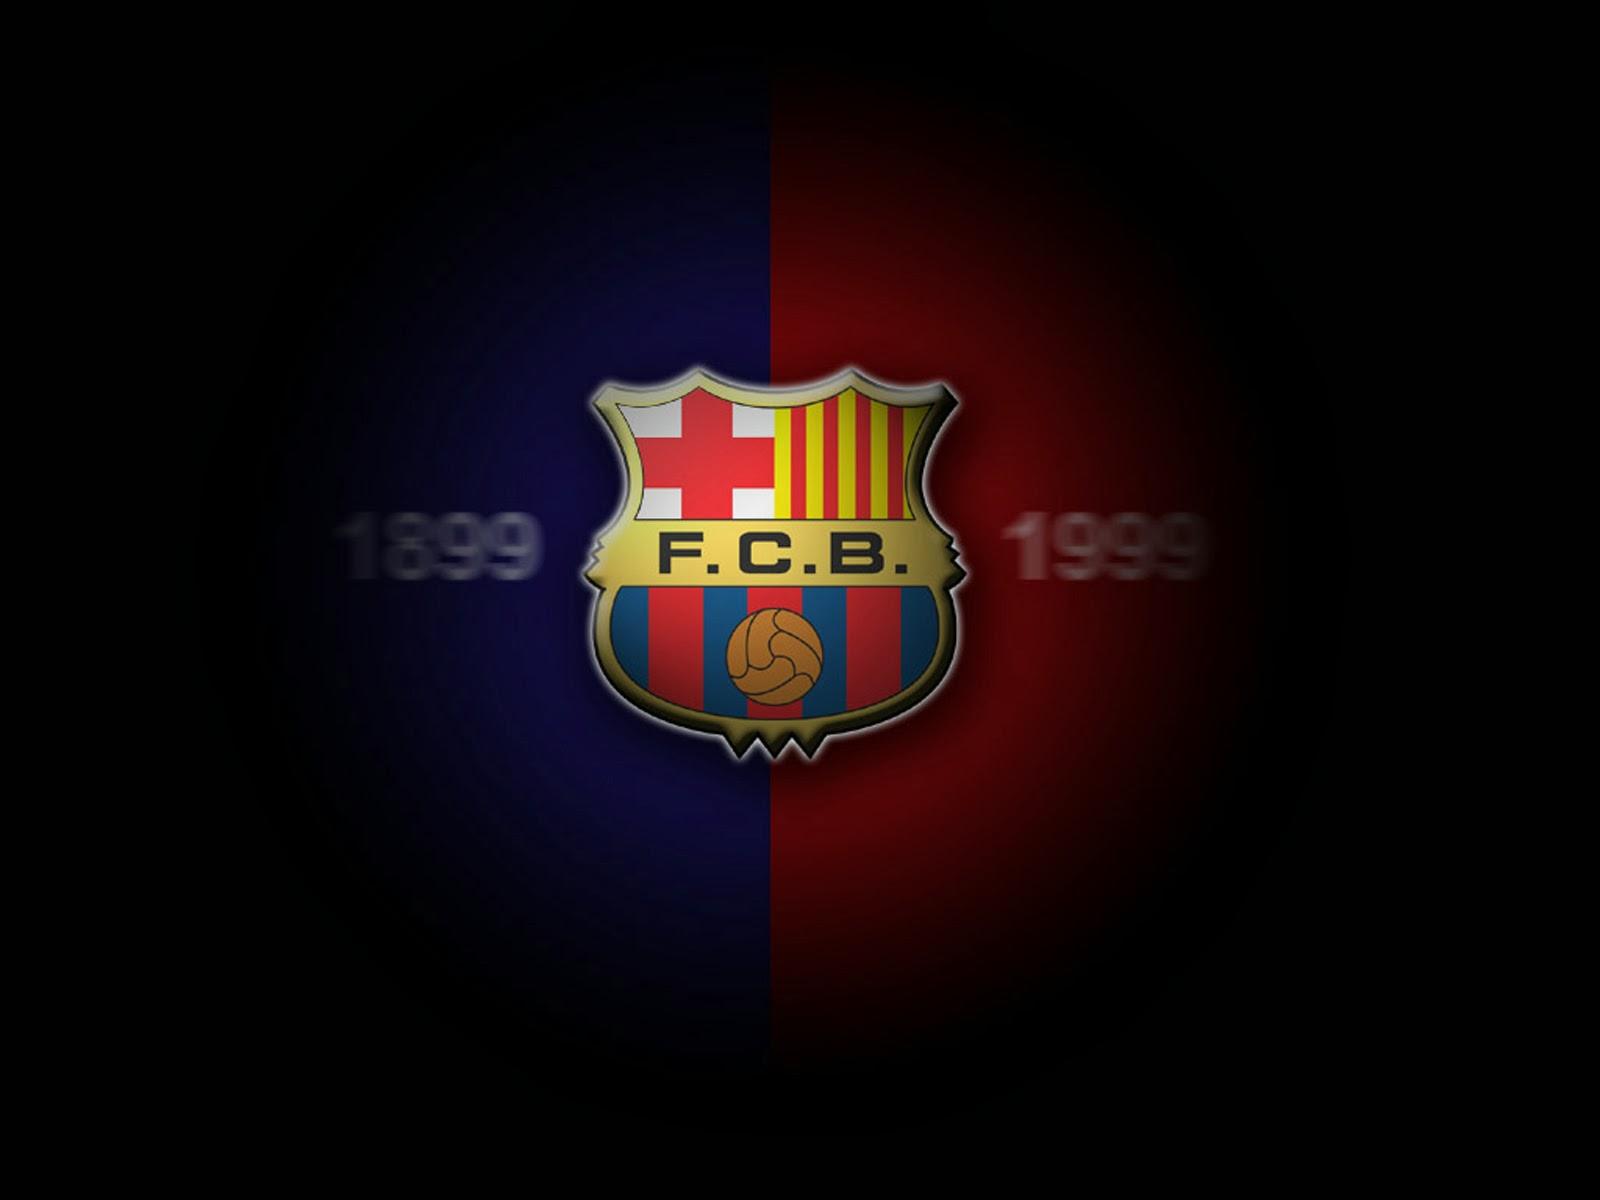 Fondo De Pantalla Escudo Barcelona 1899-1999